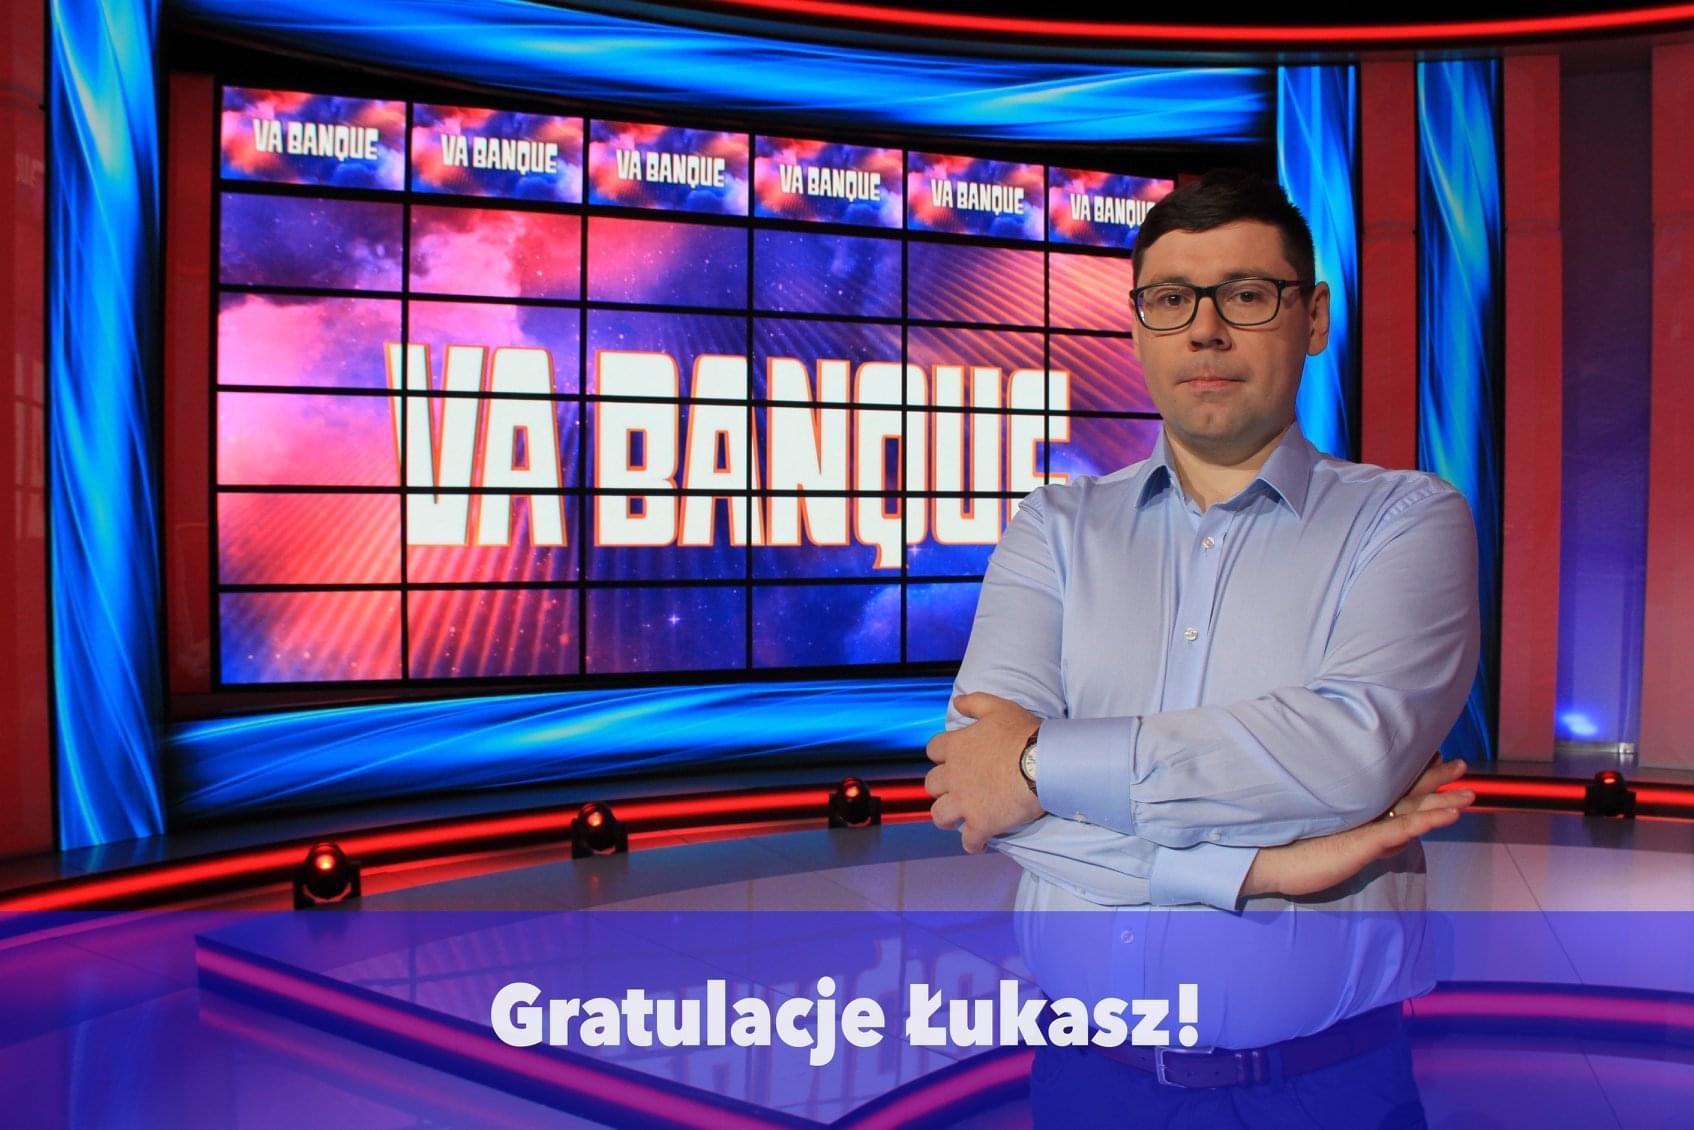 Mieszkaniec powiatu mieleckiego wziął udział w teleturnieju Va banque - Zdjęcie główne